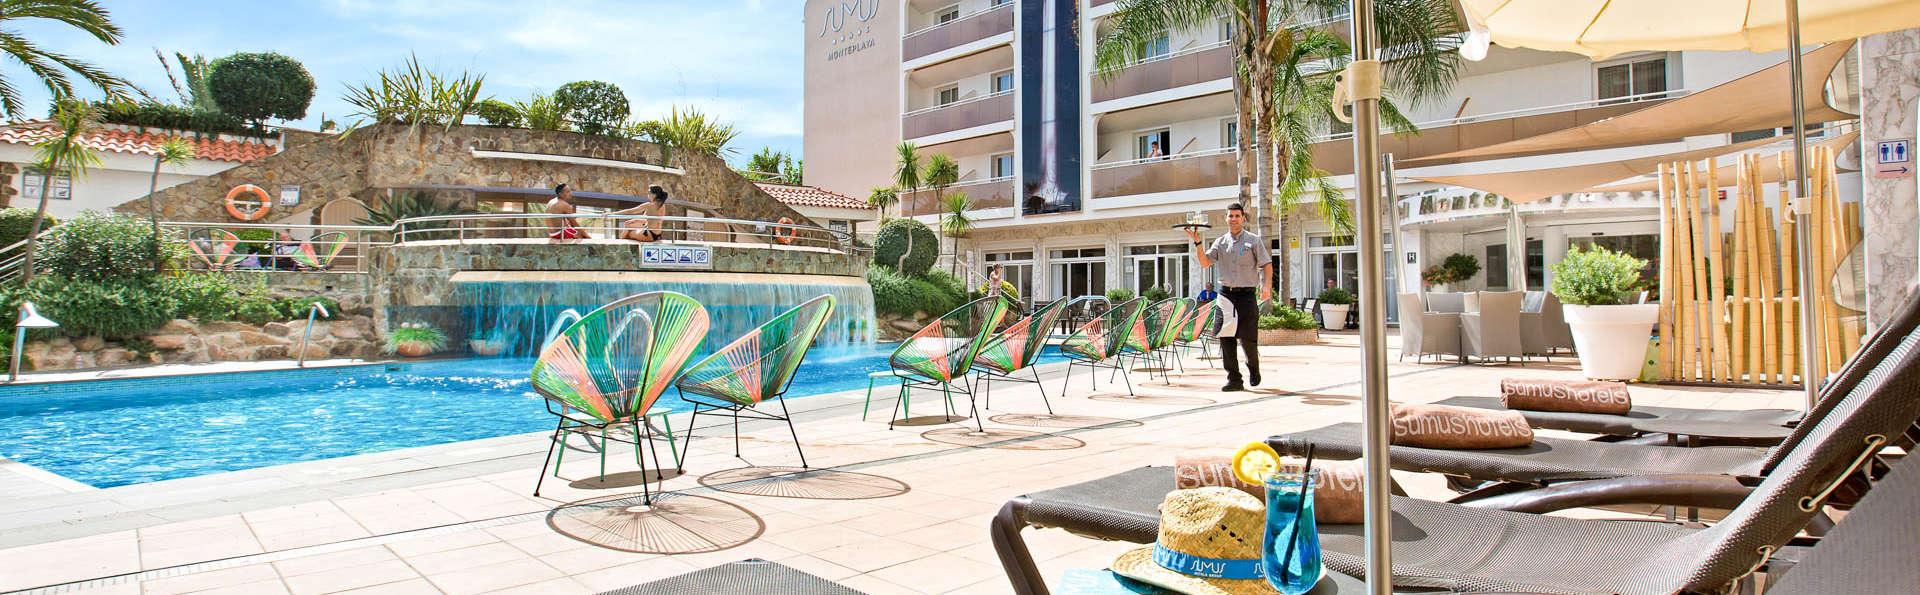 Vacaciones con Todo Incluido en la costa del Maresme